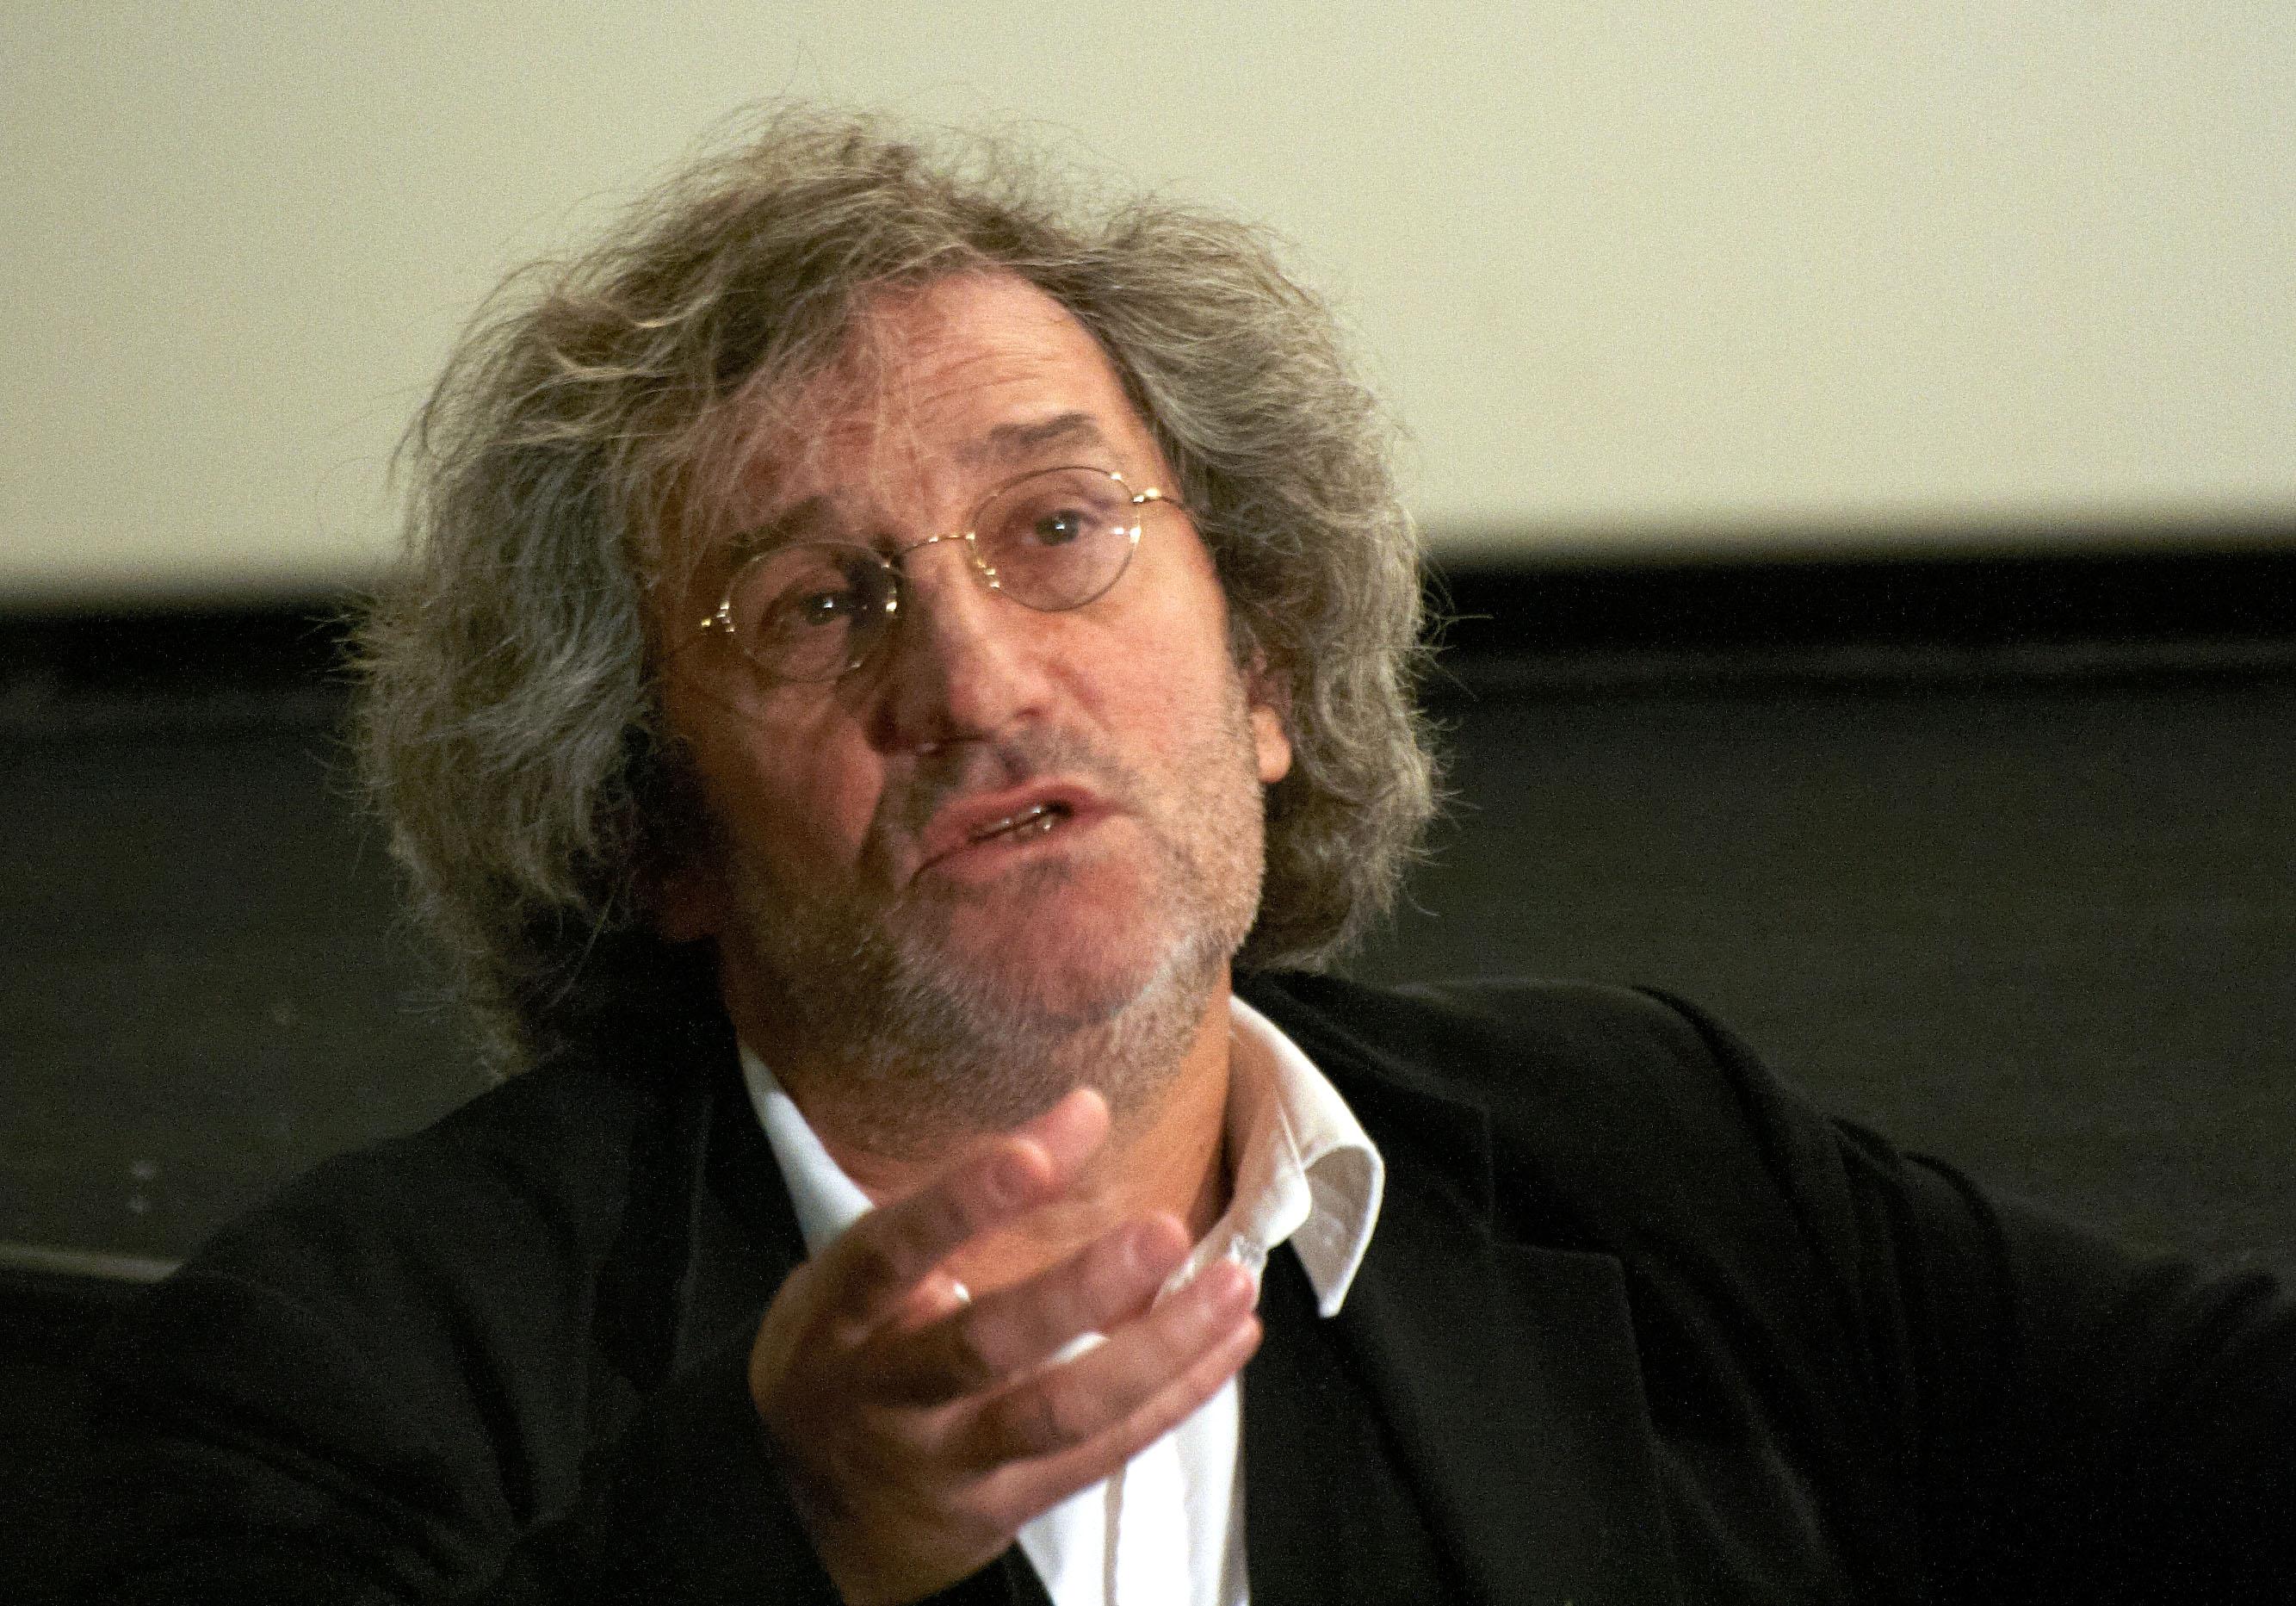 Photo de Philippe Garrel avec un hauteur de 172 cm et à l'age de 70 en 2018